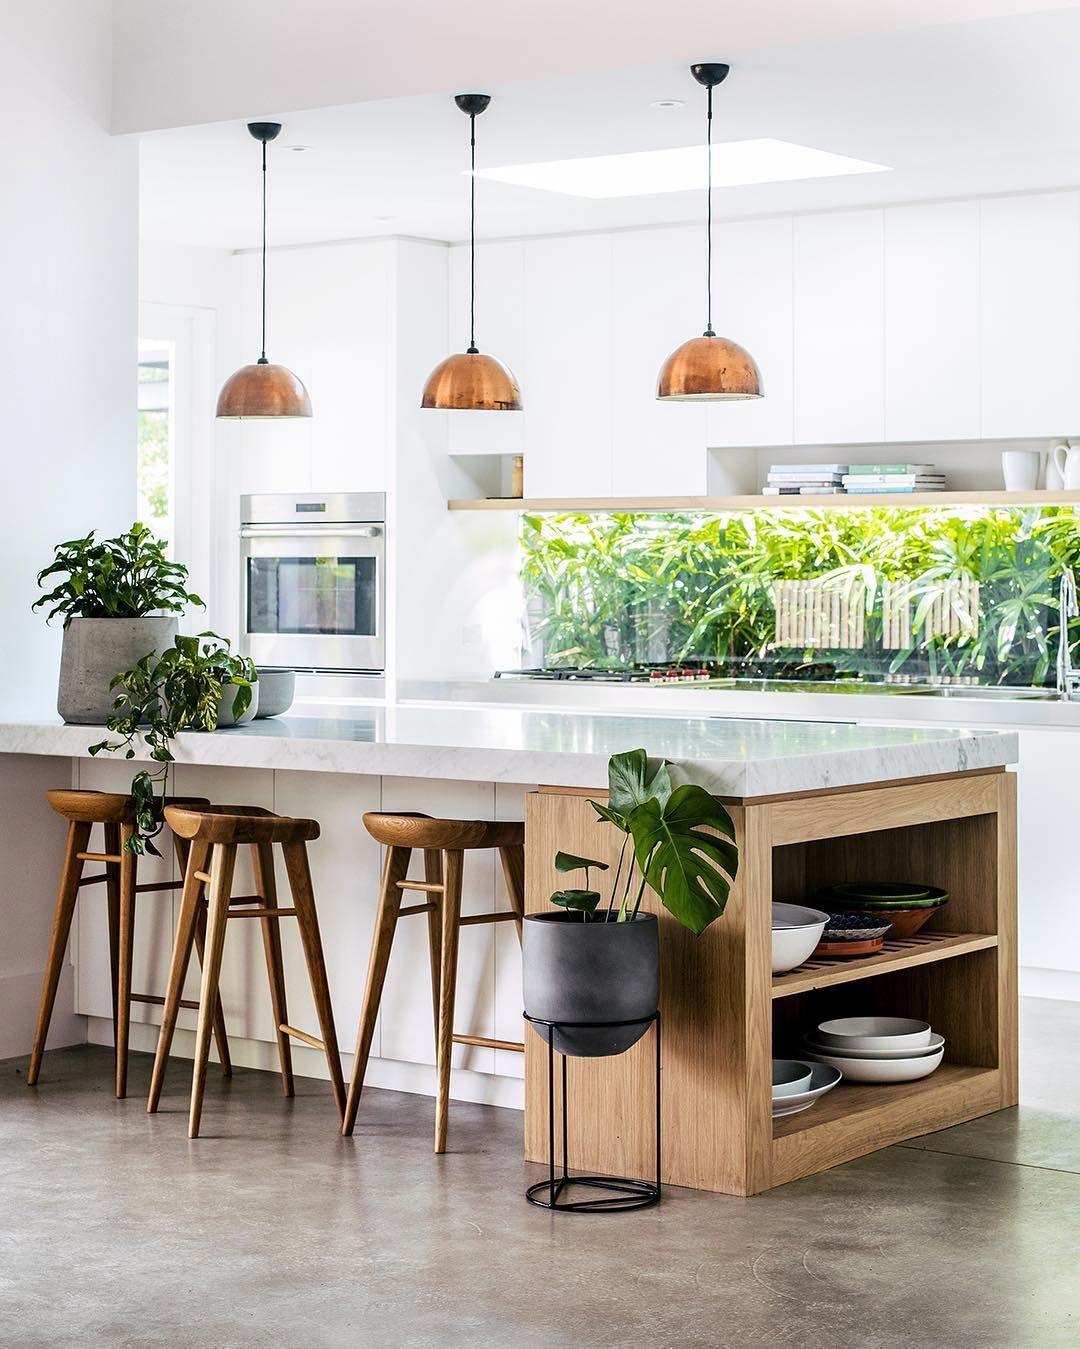 coin de l'ilôt intéressant. beaucoup de plantes.   kitchens